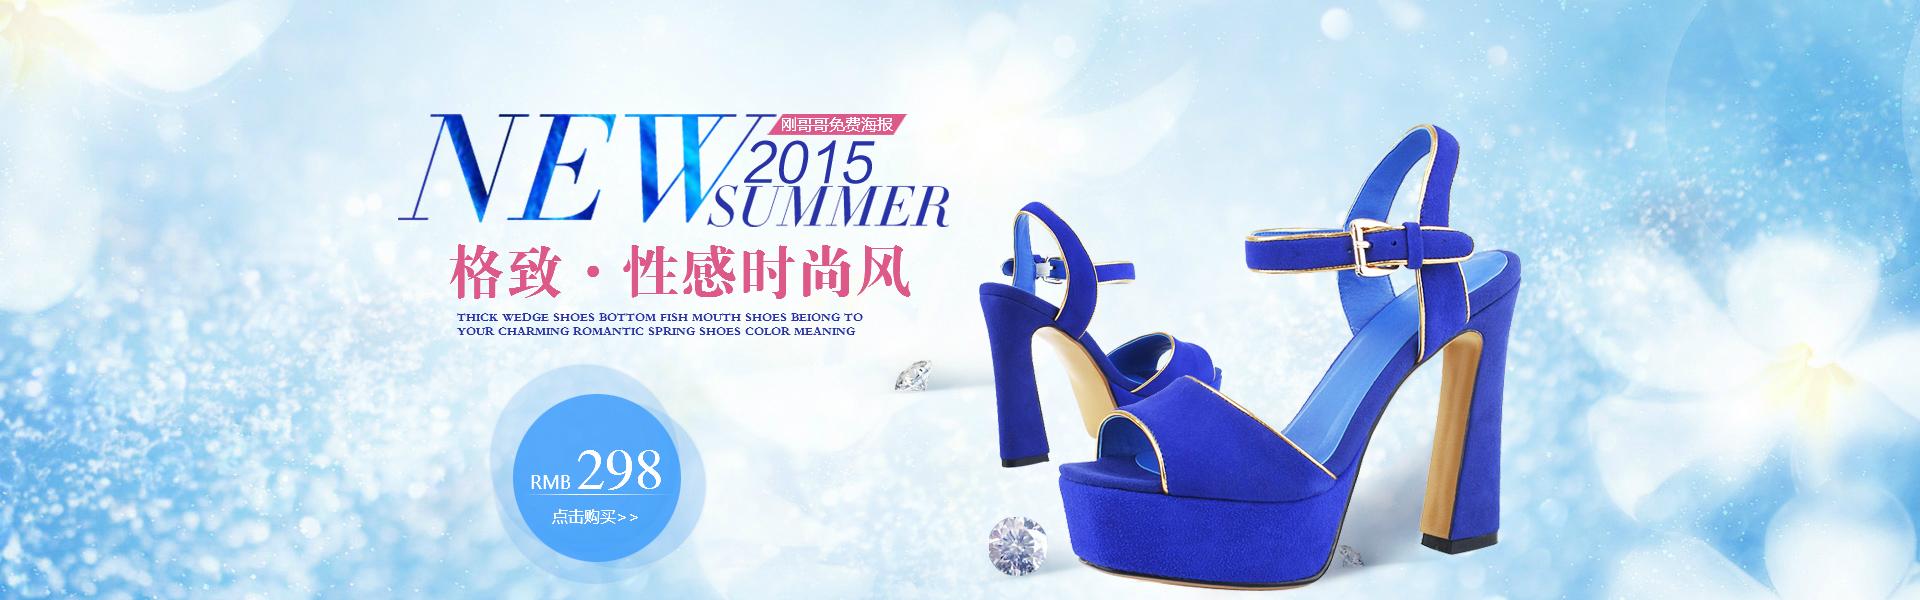 蓝色优雅女鞋凉鞋夏季新品发布精致性感时尚风淘宝店铺天猫旺铺装修全屏海报图片在线制作